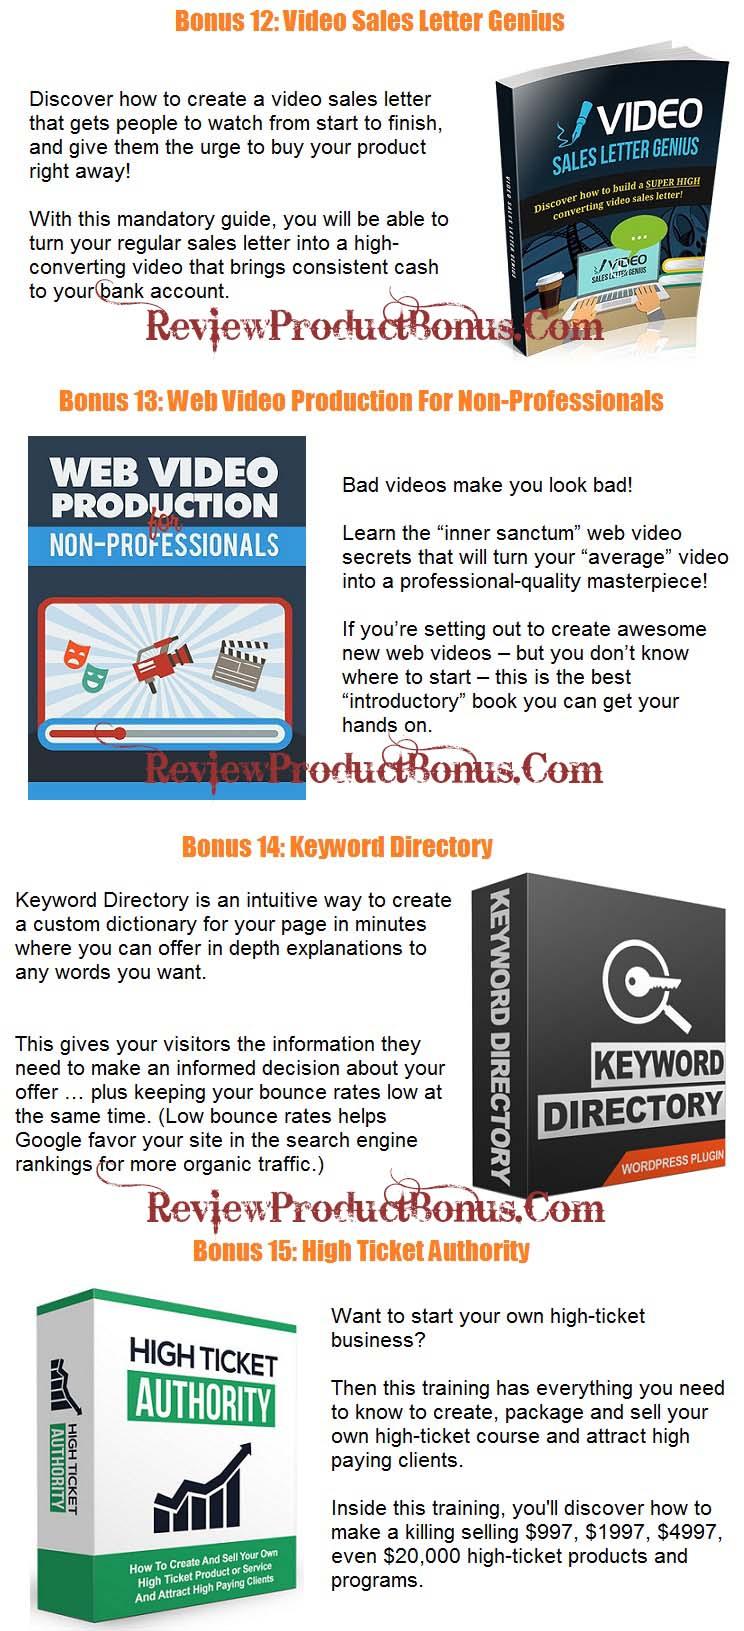 ClickVidio Extra Bonus